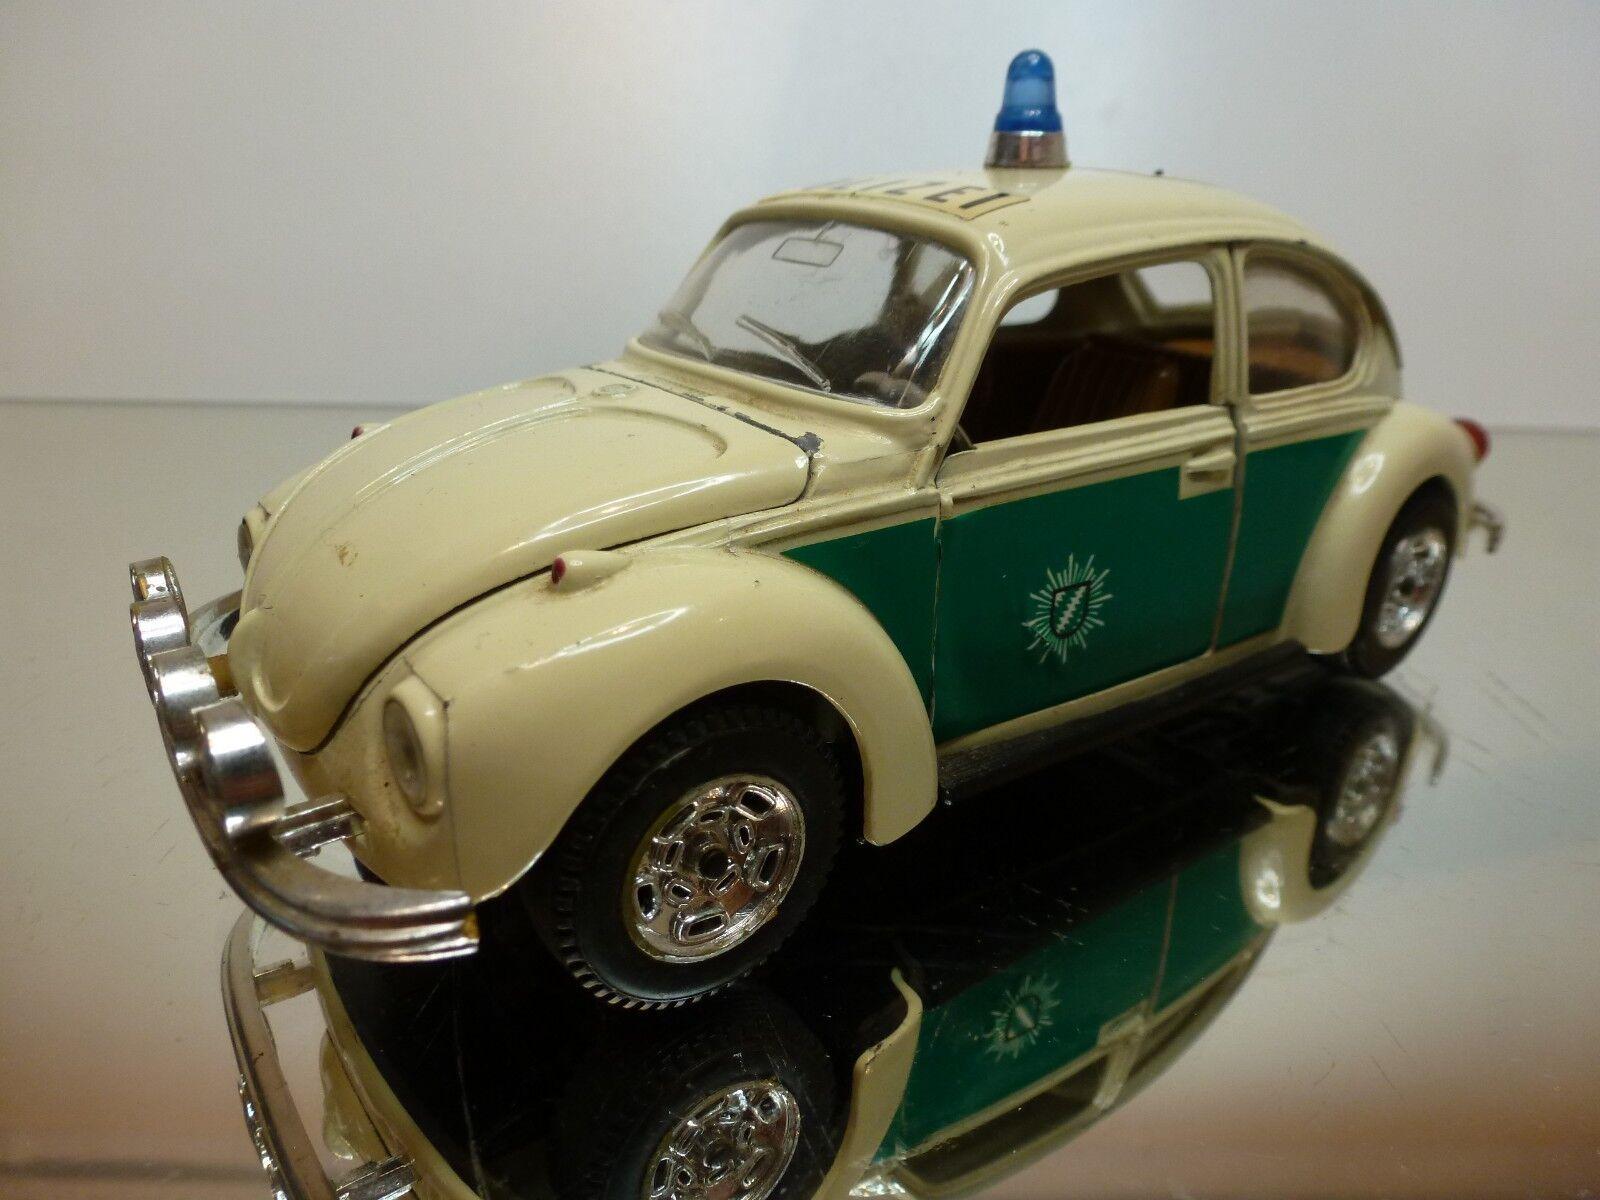 Mebetoys 8587 vw volkswagen käfer - polizei - off-Weiß 1  25 - in gutem zustand